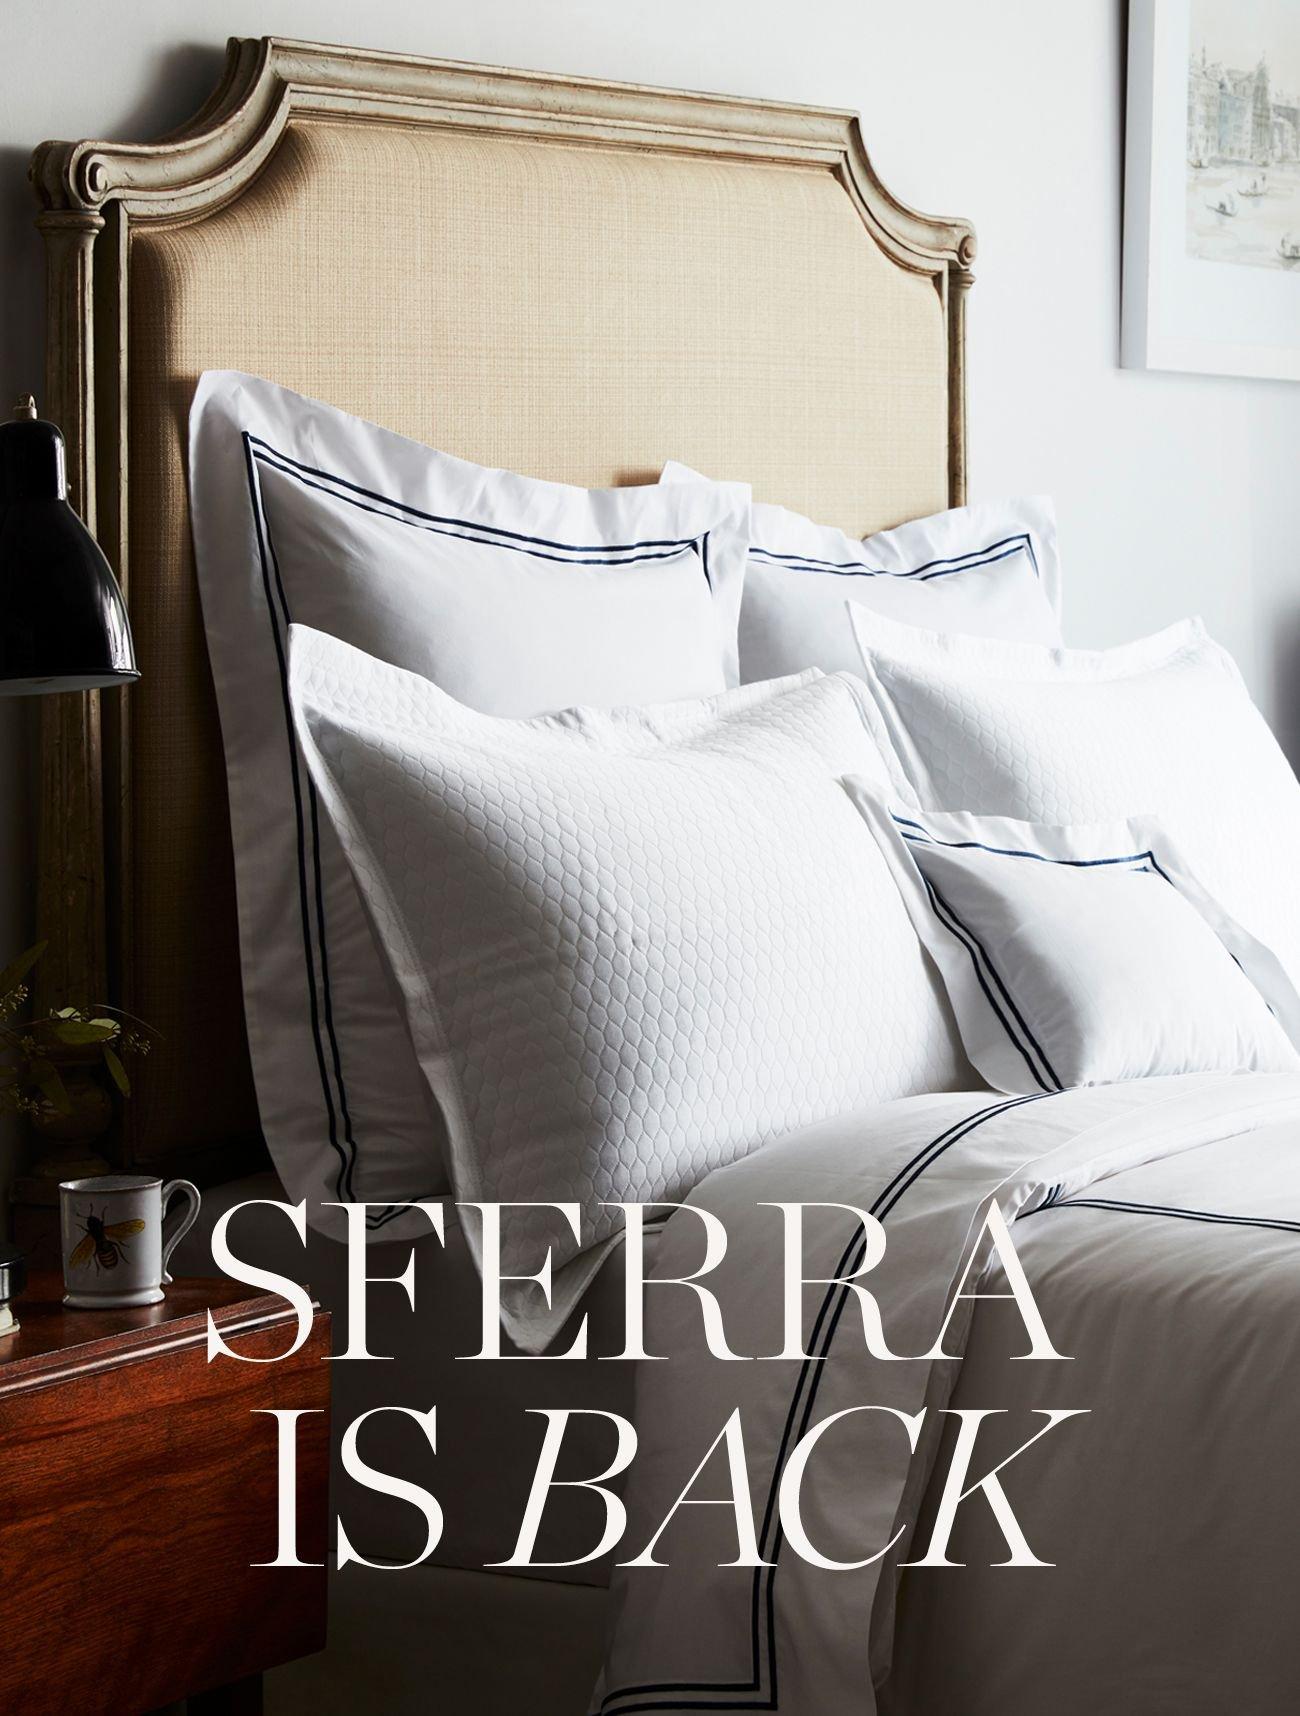 SFERRA IS BACK!